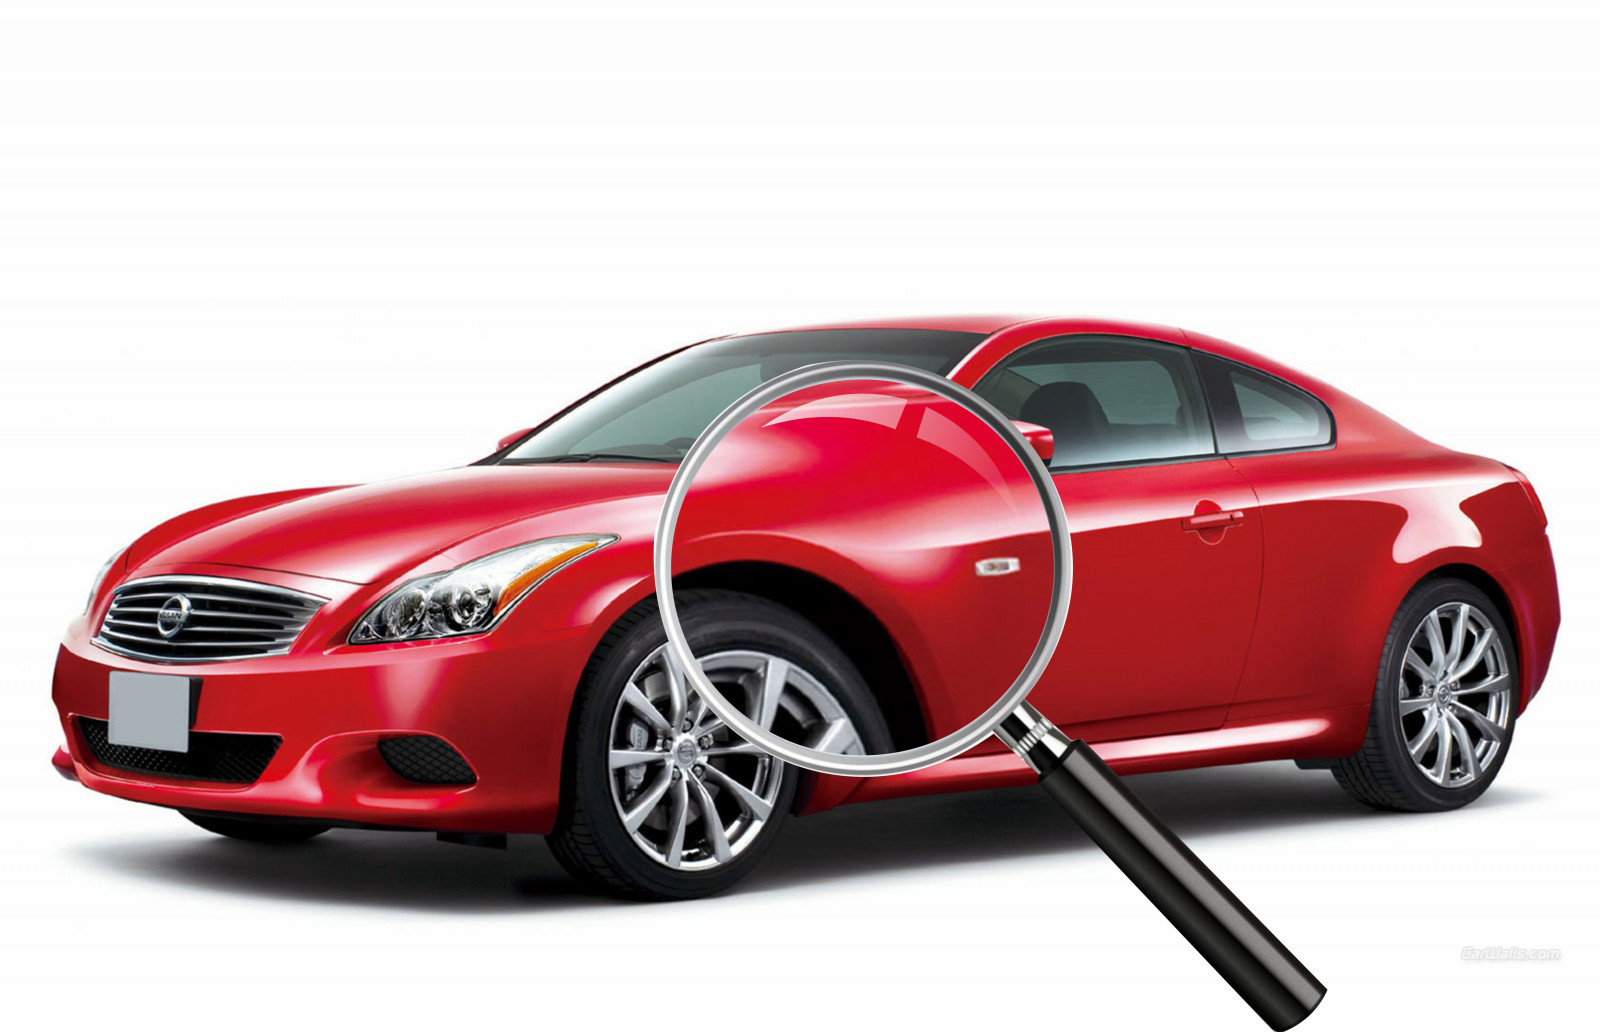 Преимущества проверки автомобиля перед покупкой